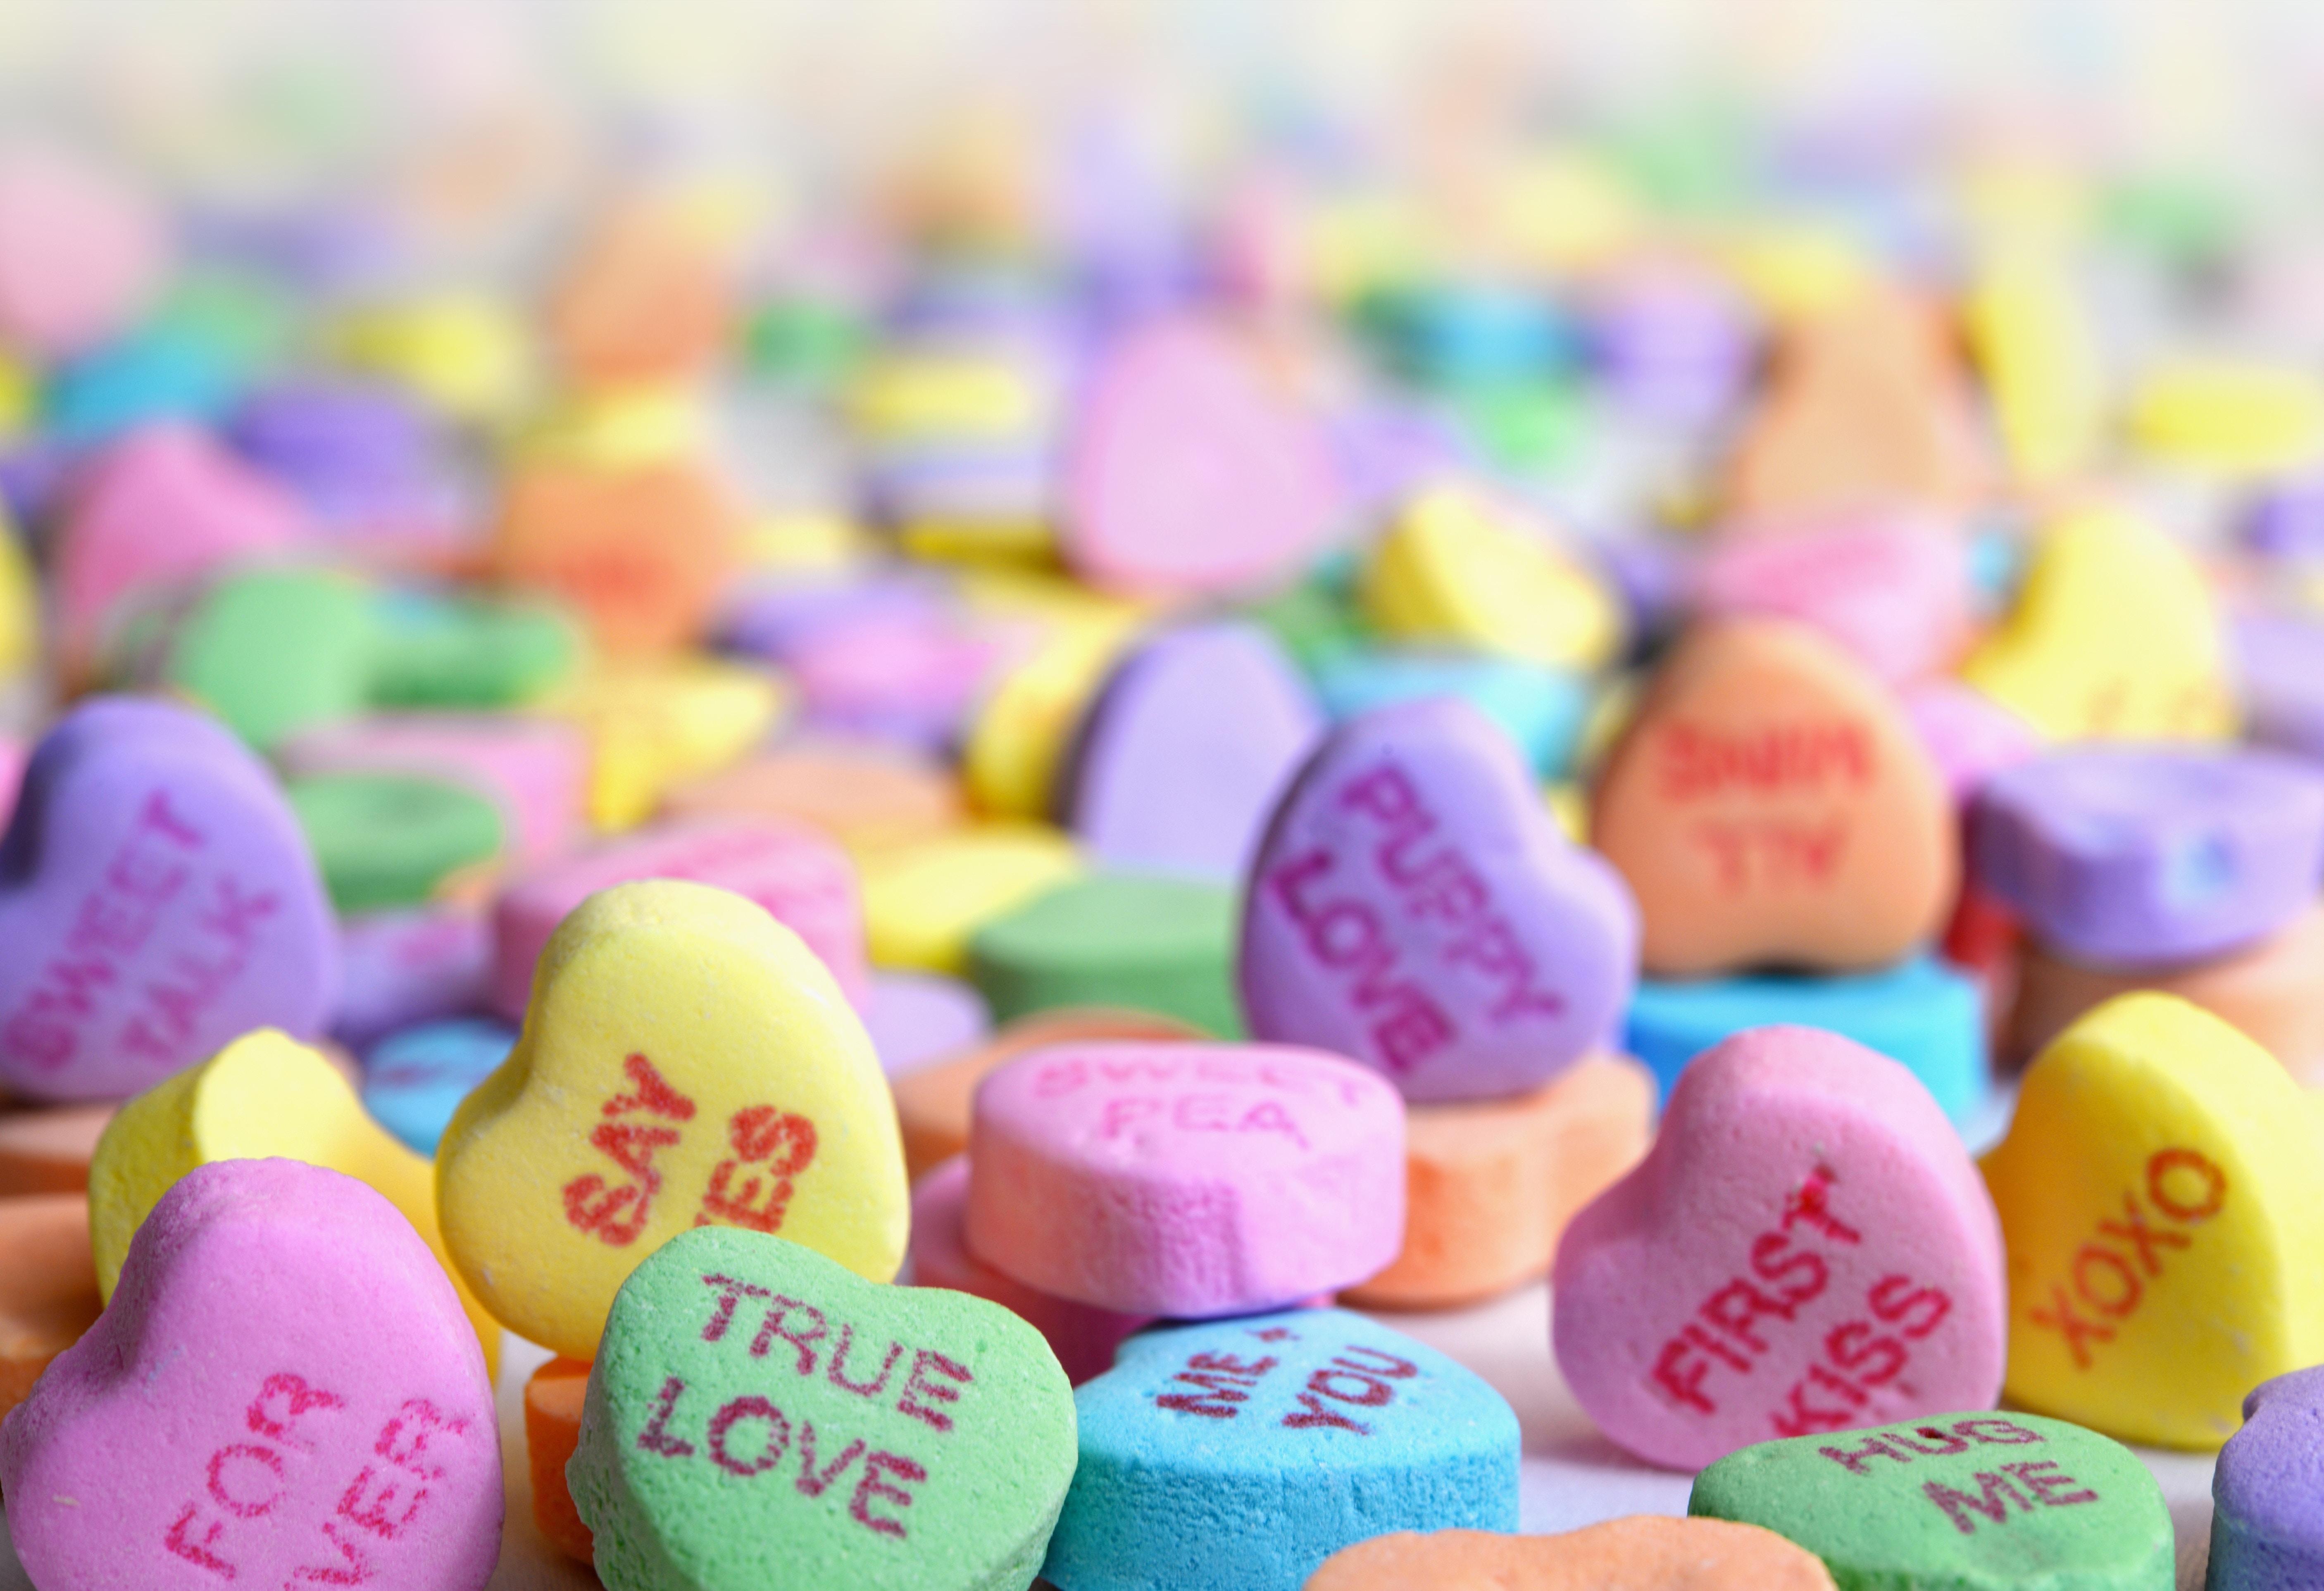 バレンタイン 甘い もの 以外